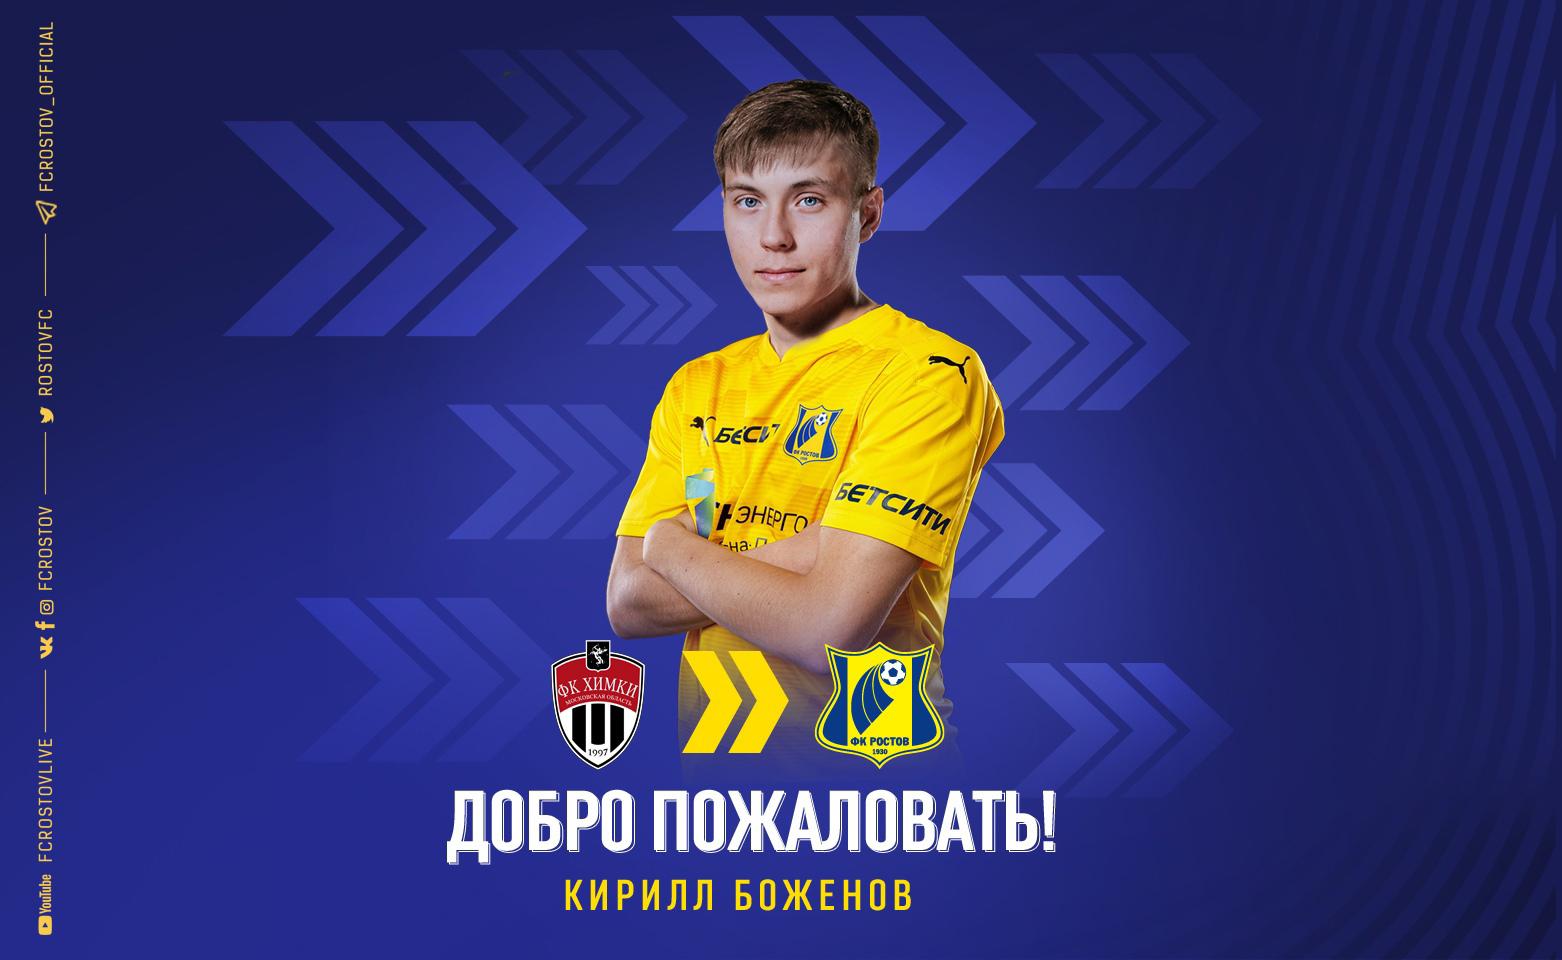 Кирилл Боженов – игрок «Ростова»